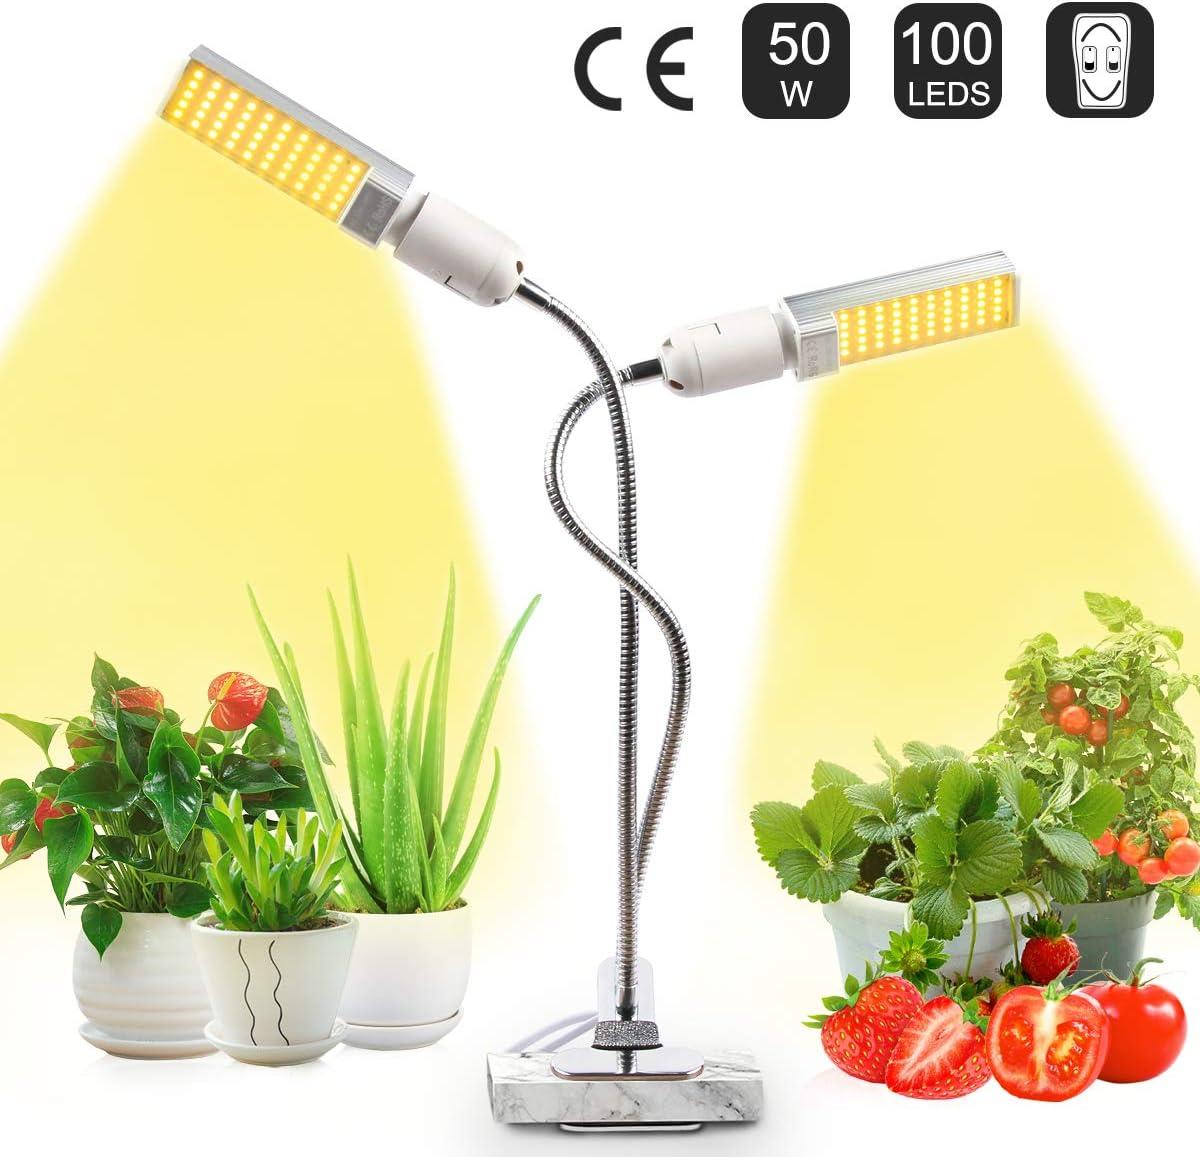 JEVDES Lámpara de Plantas, 50W Planta de luz para Plantas de Interior, LED Lámpara de Crecimiento de Planta de Espectro Completo Similar al Sol para plántulas Floración fructífera